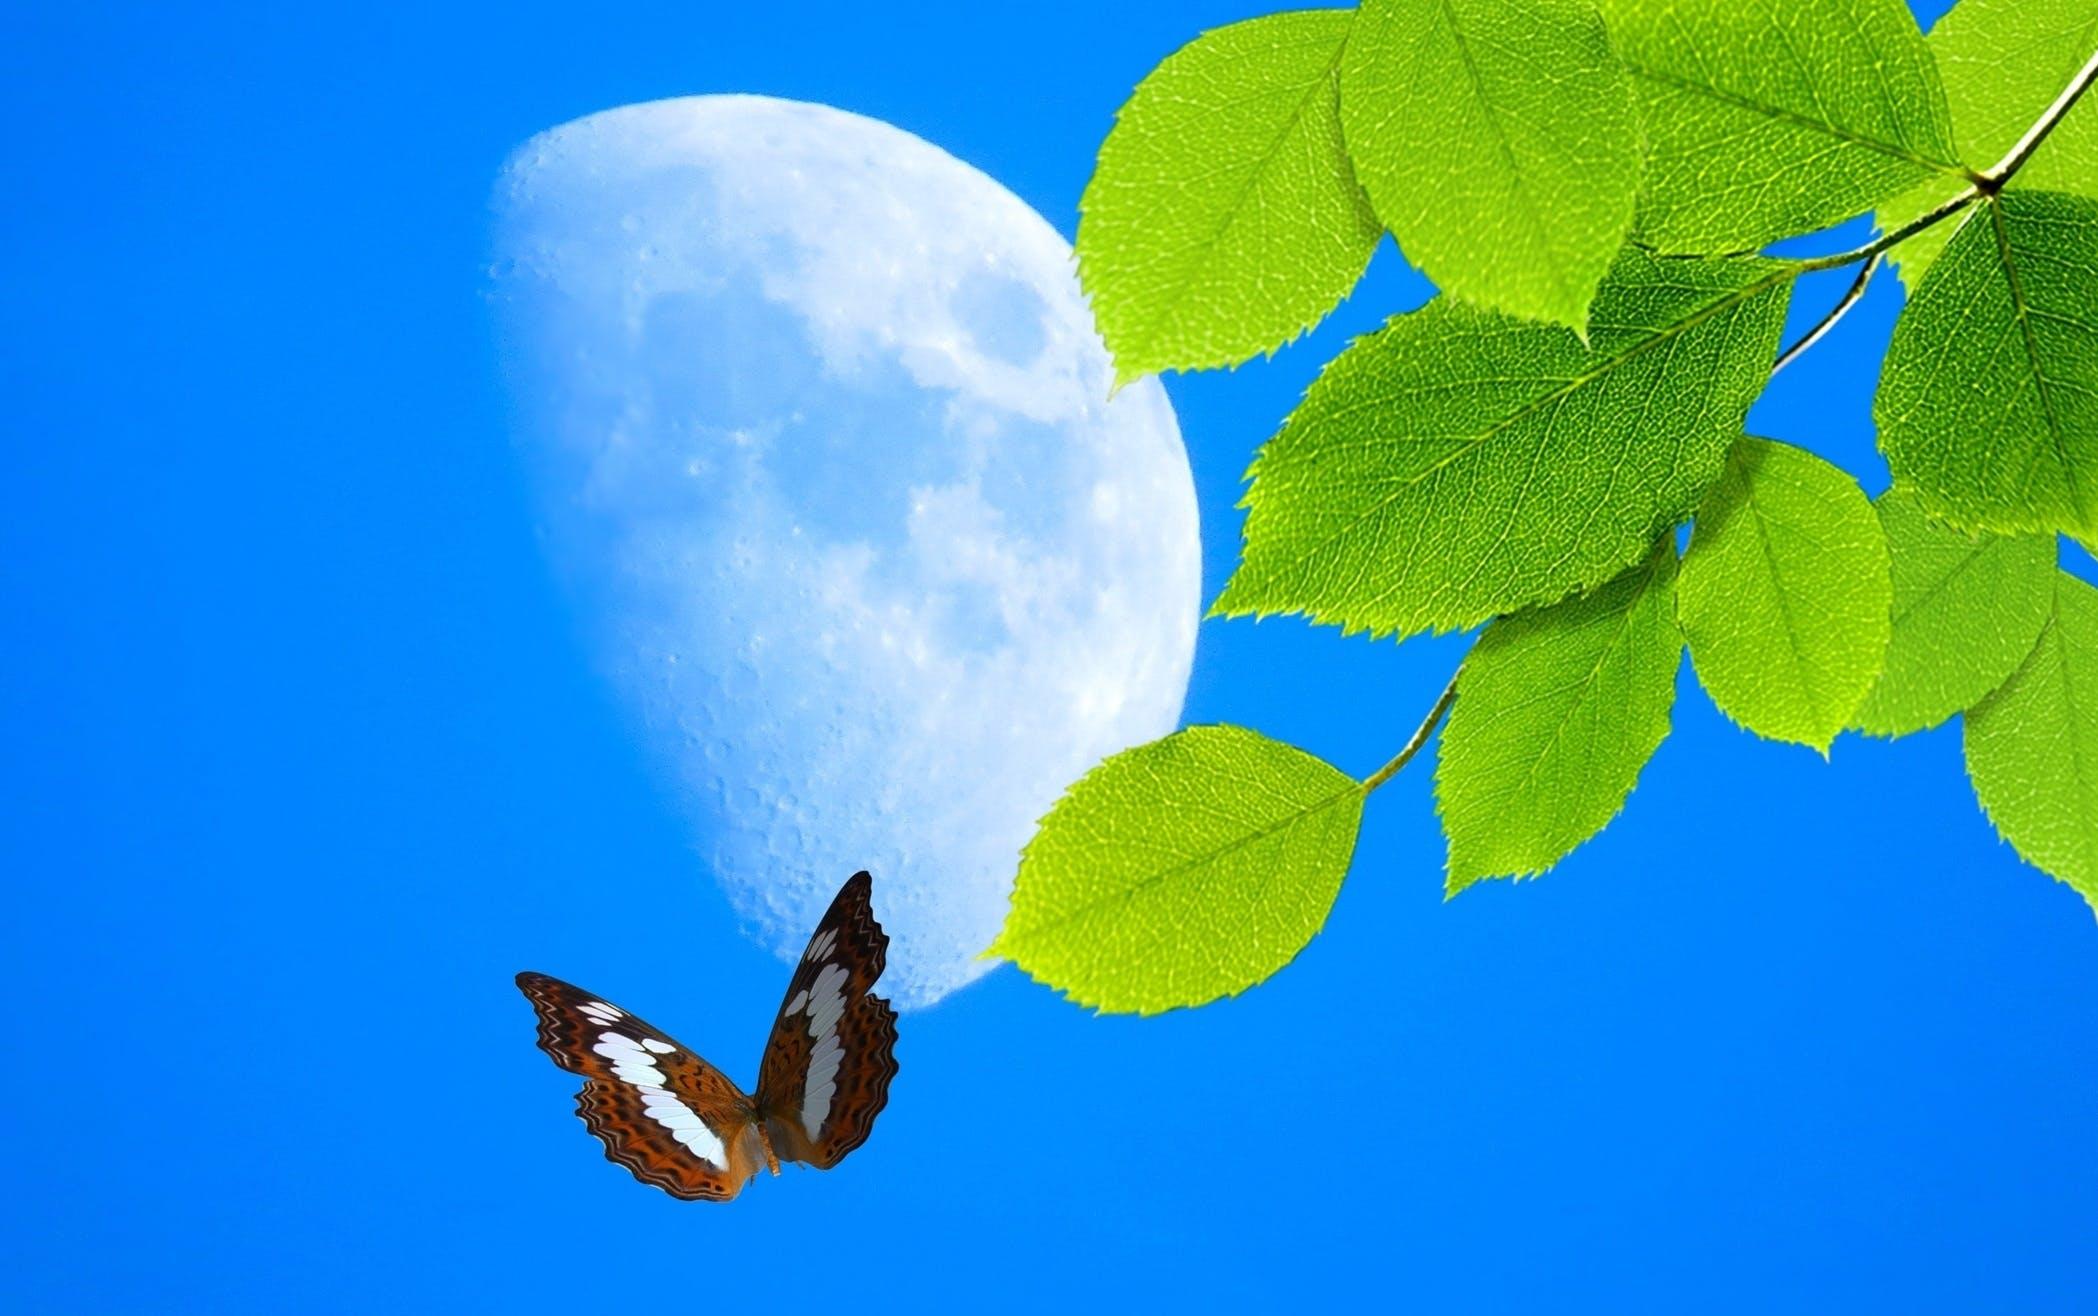 Free stock photo of borboleta, buterfly, folhas, green